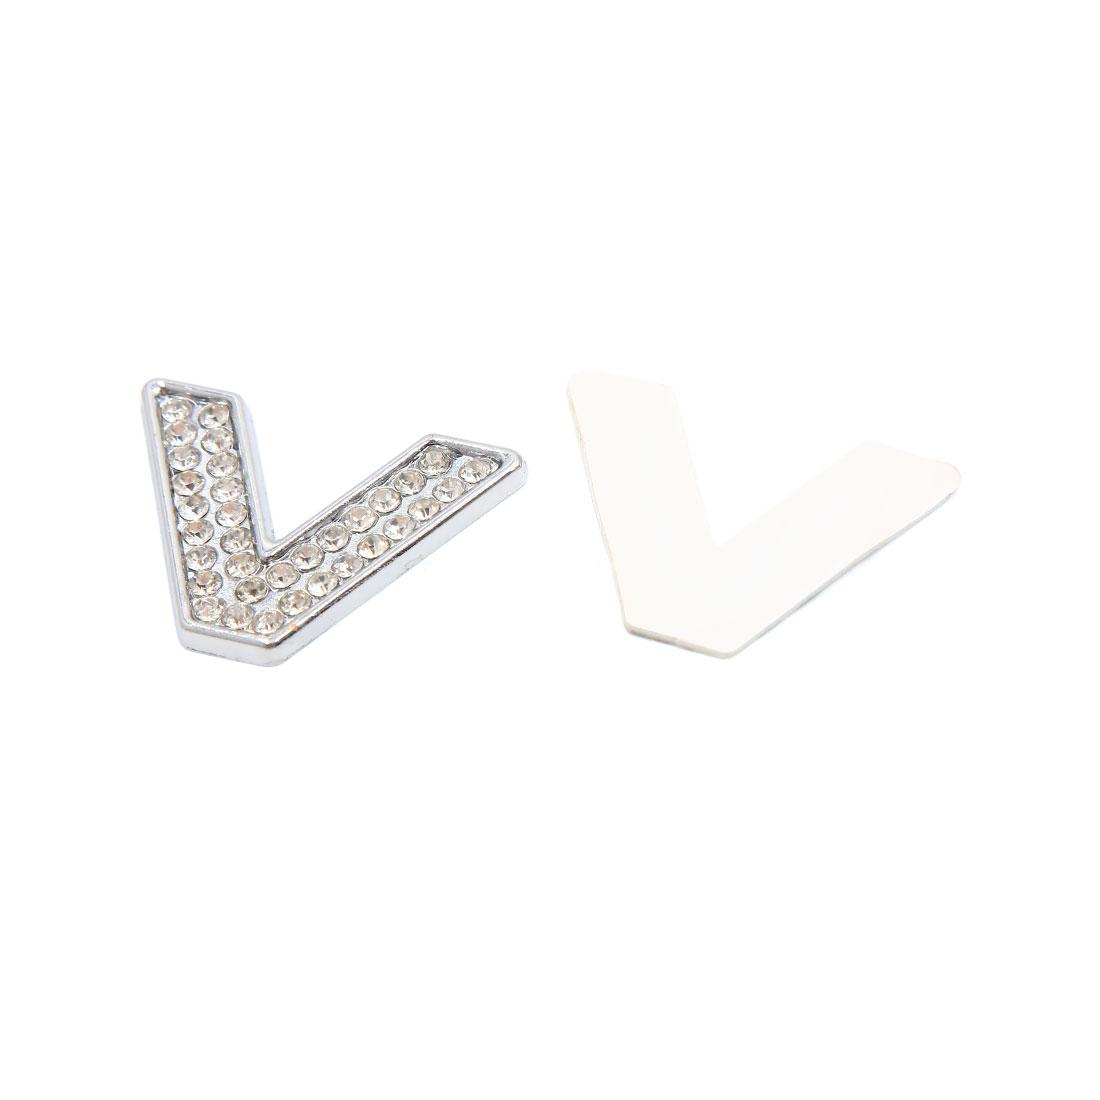 3D Silver Tone Metal Letter V Shaped Car Emblem Badge Sticker Decal Decoration